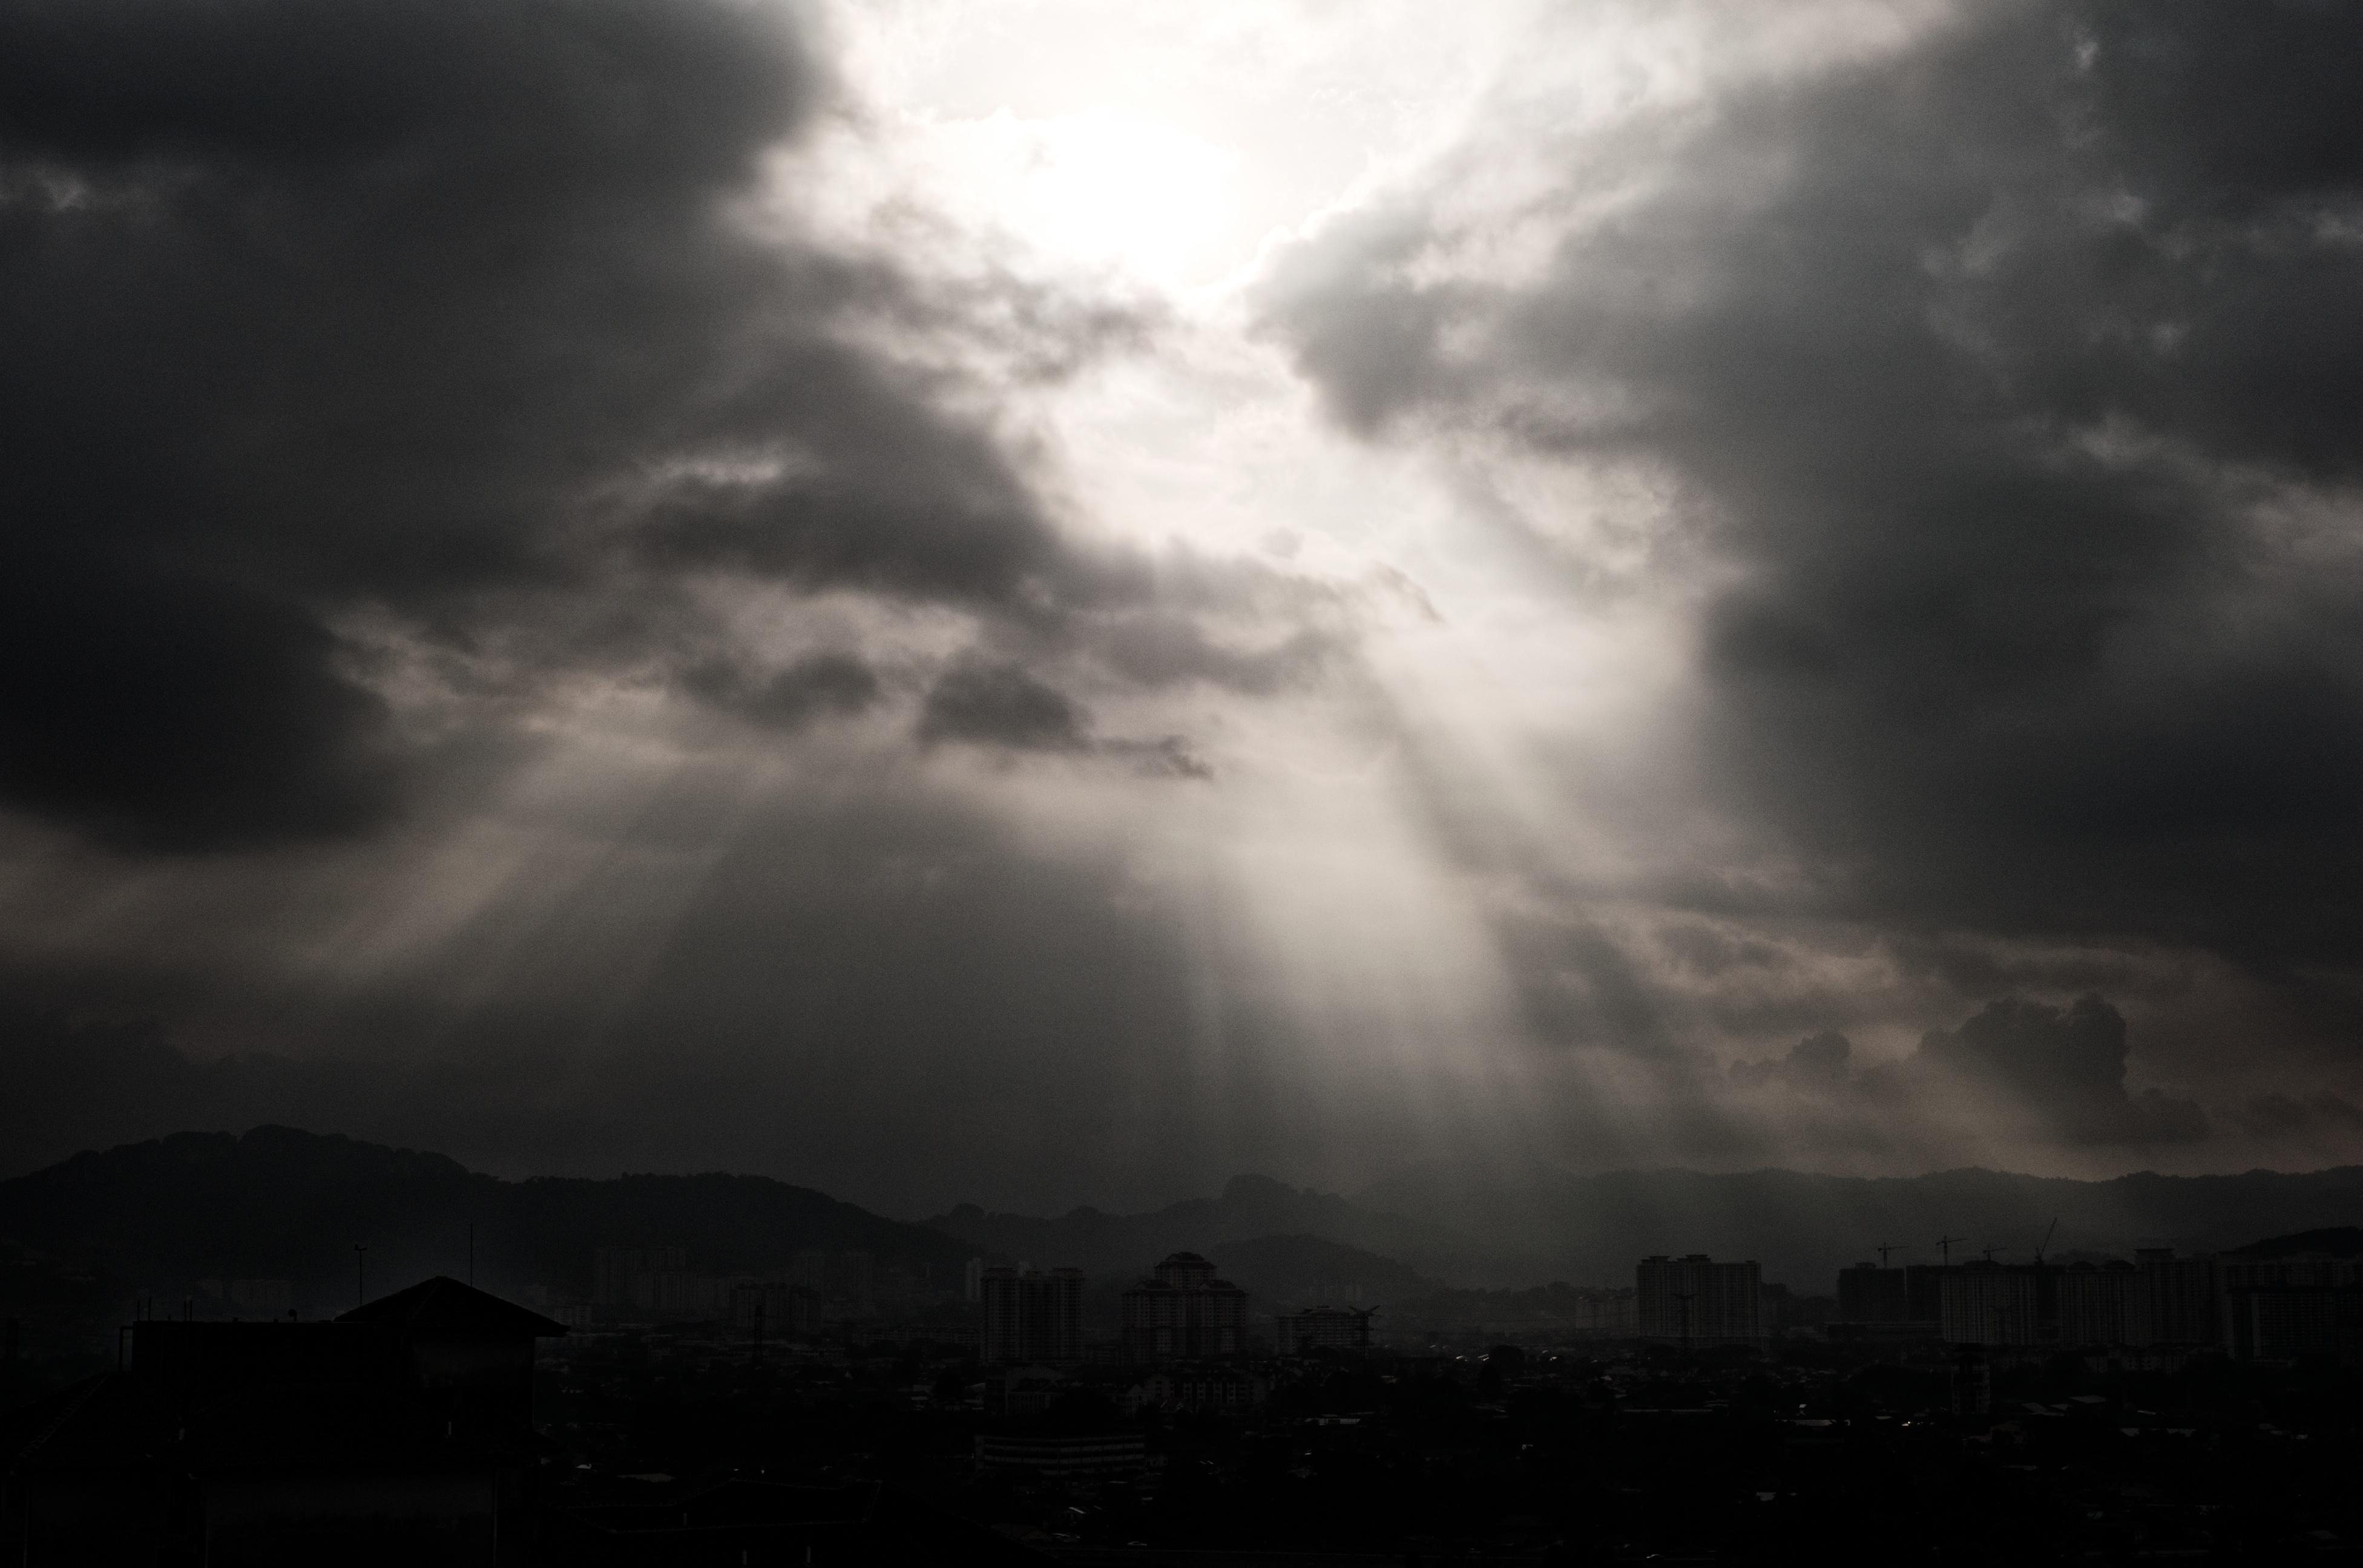 Entfernungsmesser Für Fotografie : Hintergrundbilder : leica himmel sonne farbe 35mm dunkel